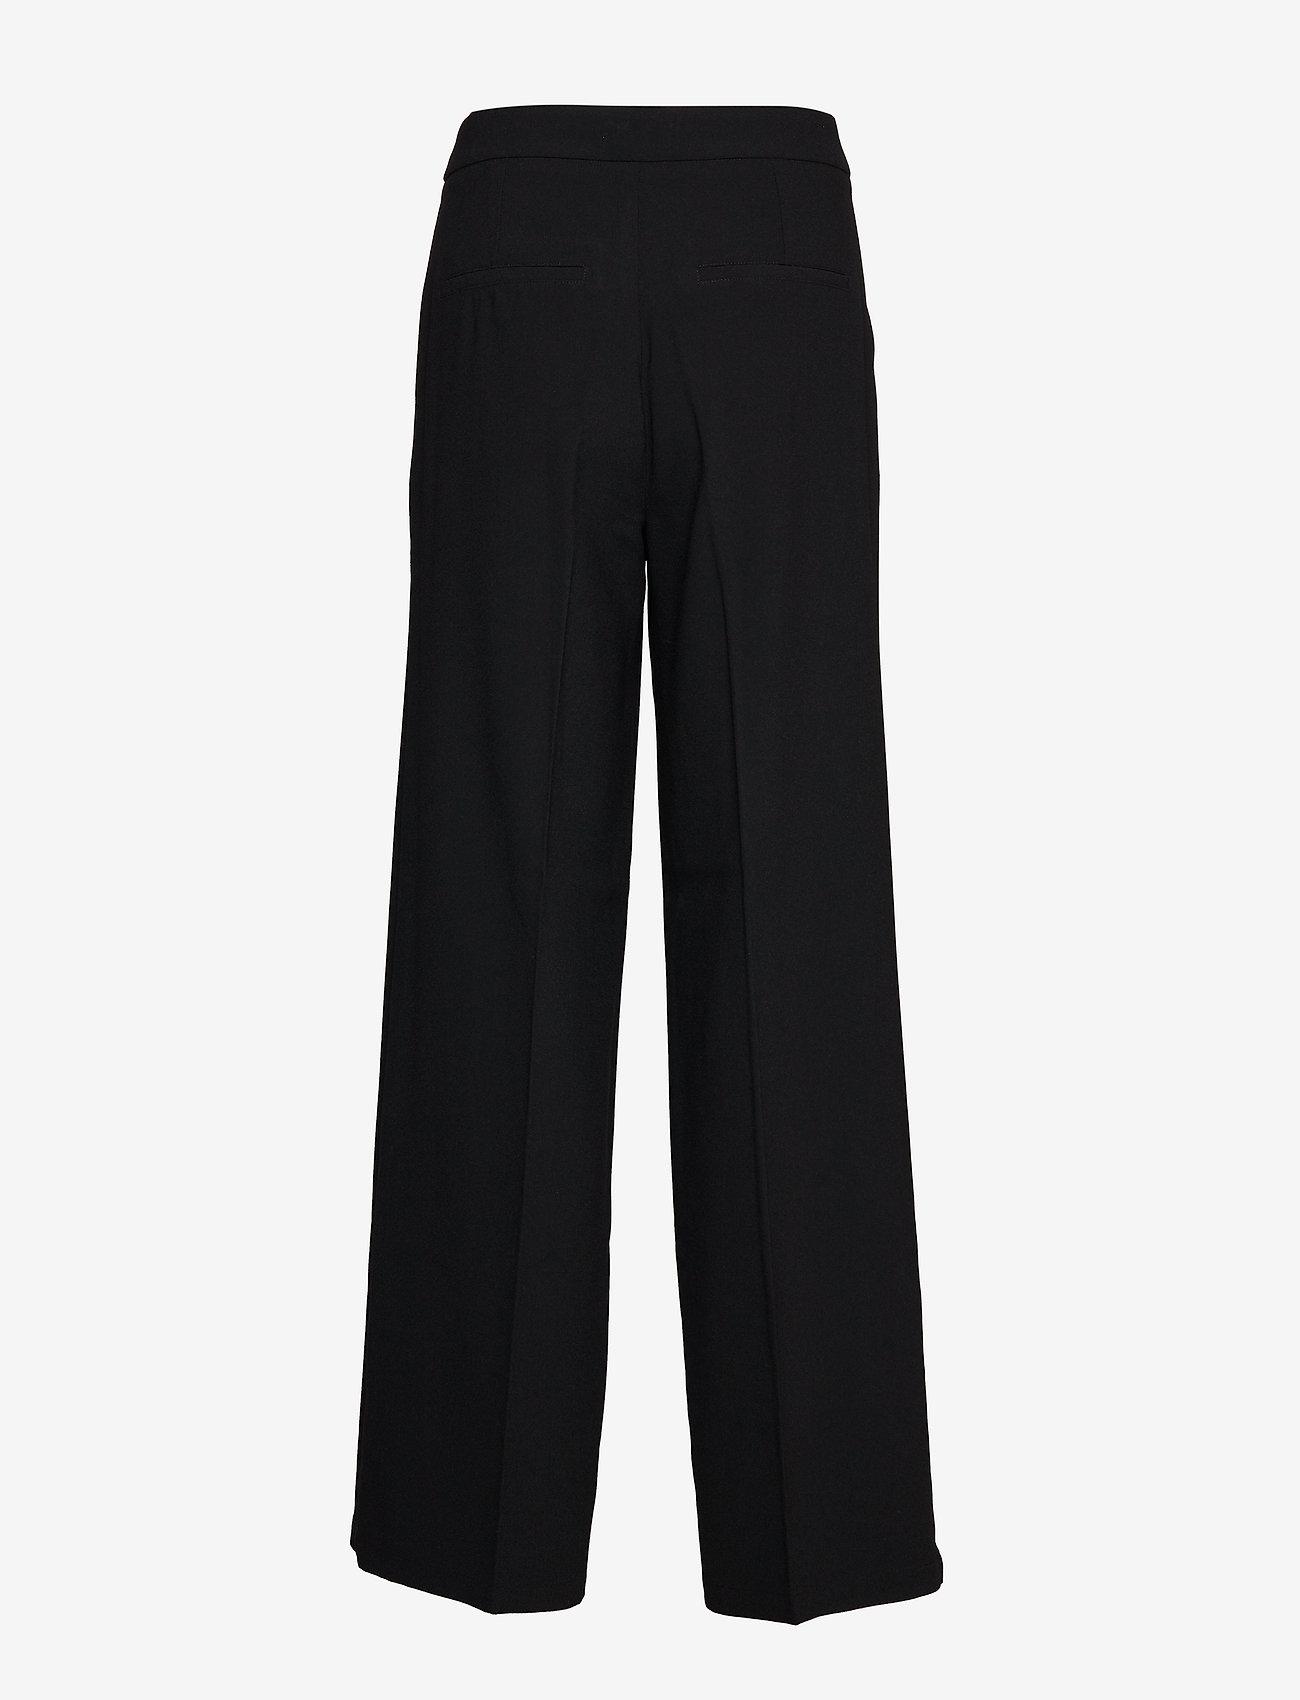 Selected Femme - SLFTINNI MW WIDE PANT B NOOS - bukser med brede ben - black - 1